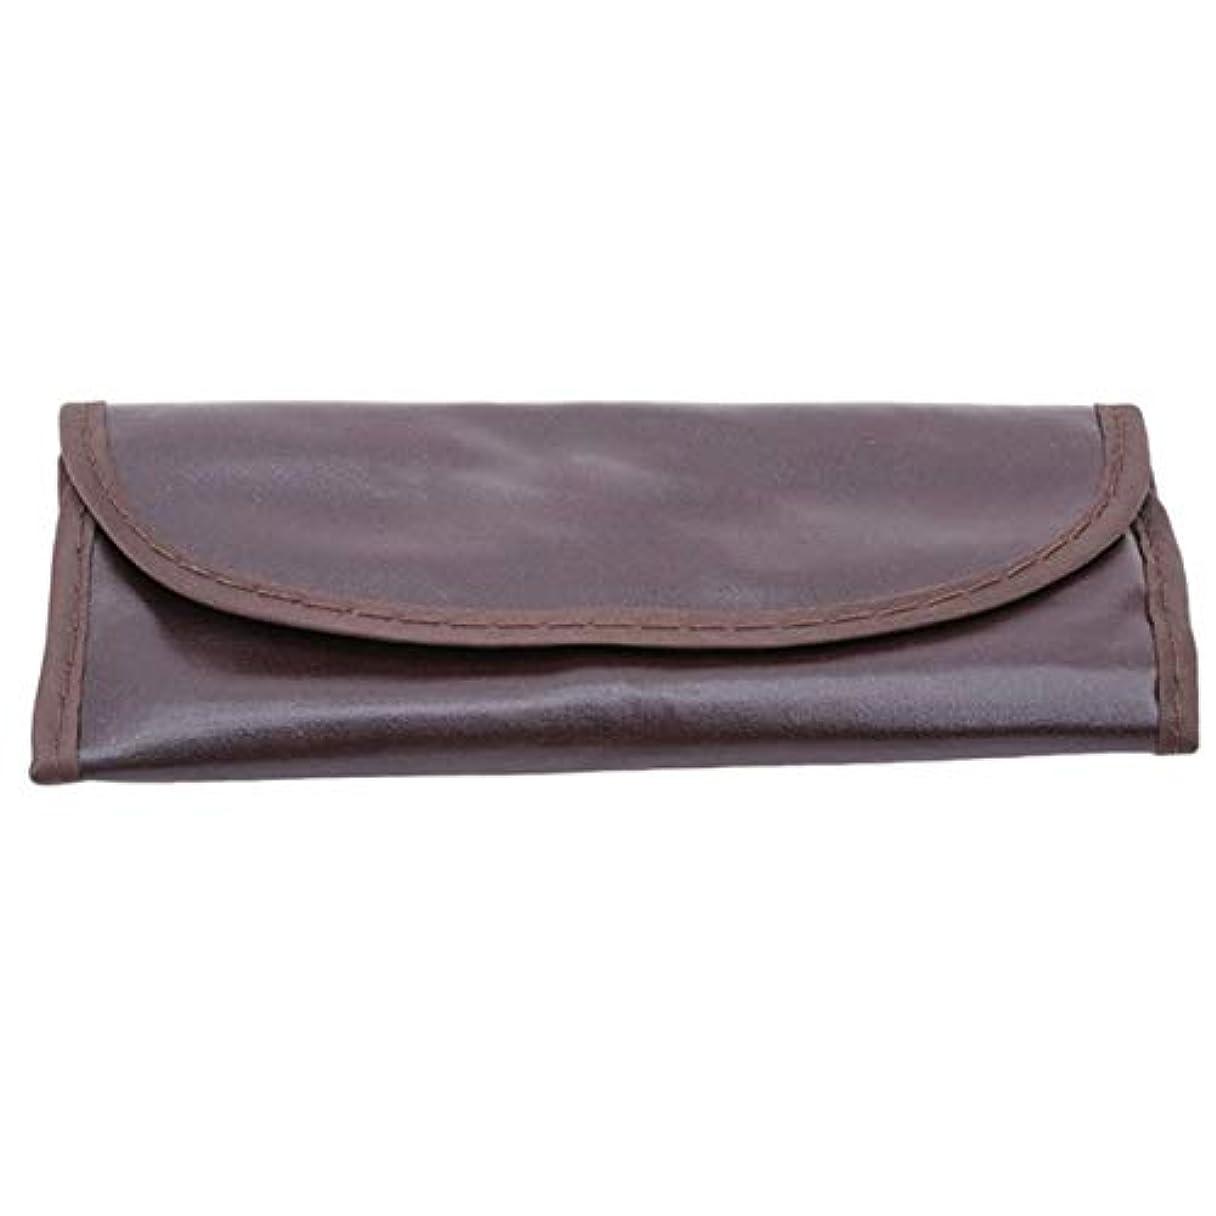 ベルベットわざわざデッド1st market 化粧品のBagblackが付いている耐久の7Pcs柔らかいアイシャドウの唇の化粧筆